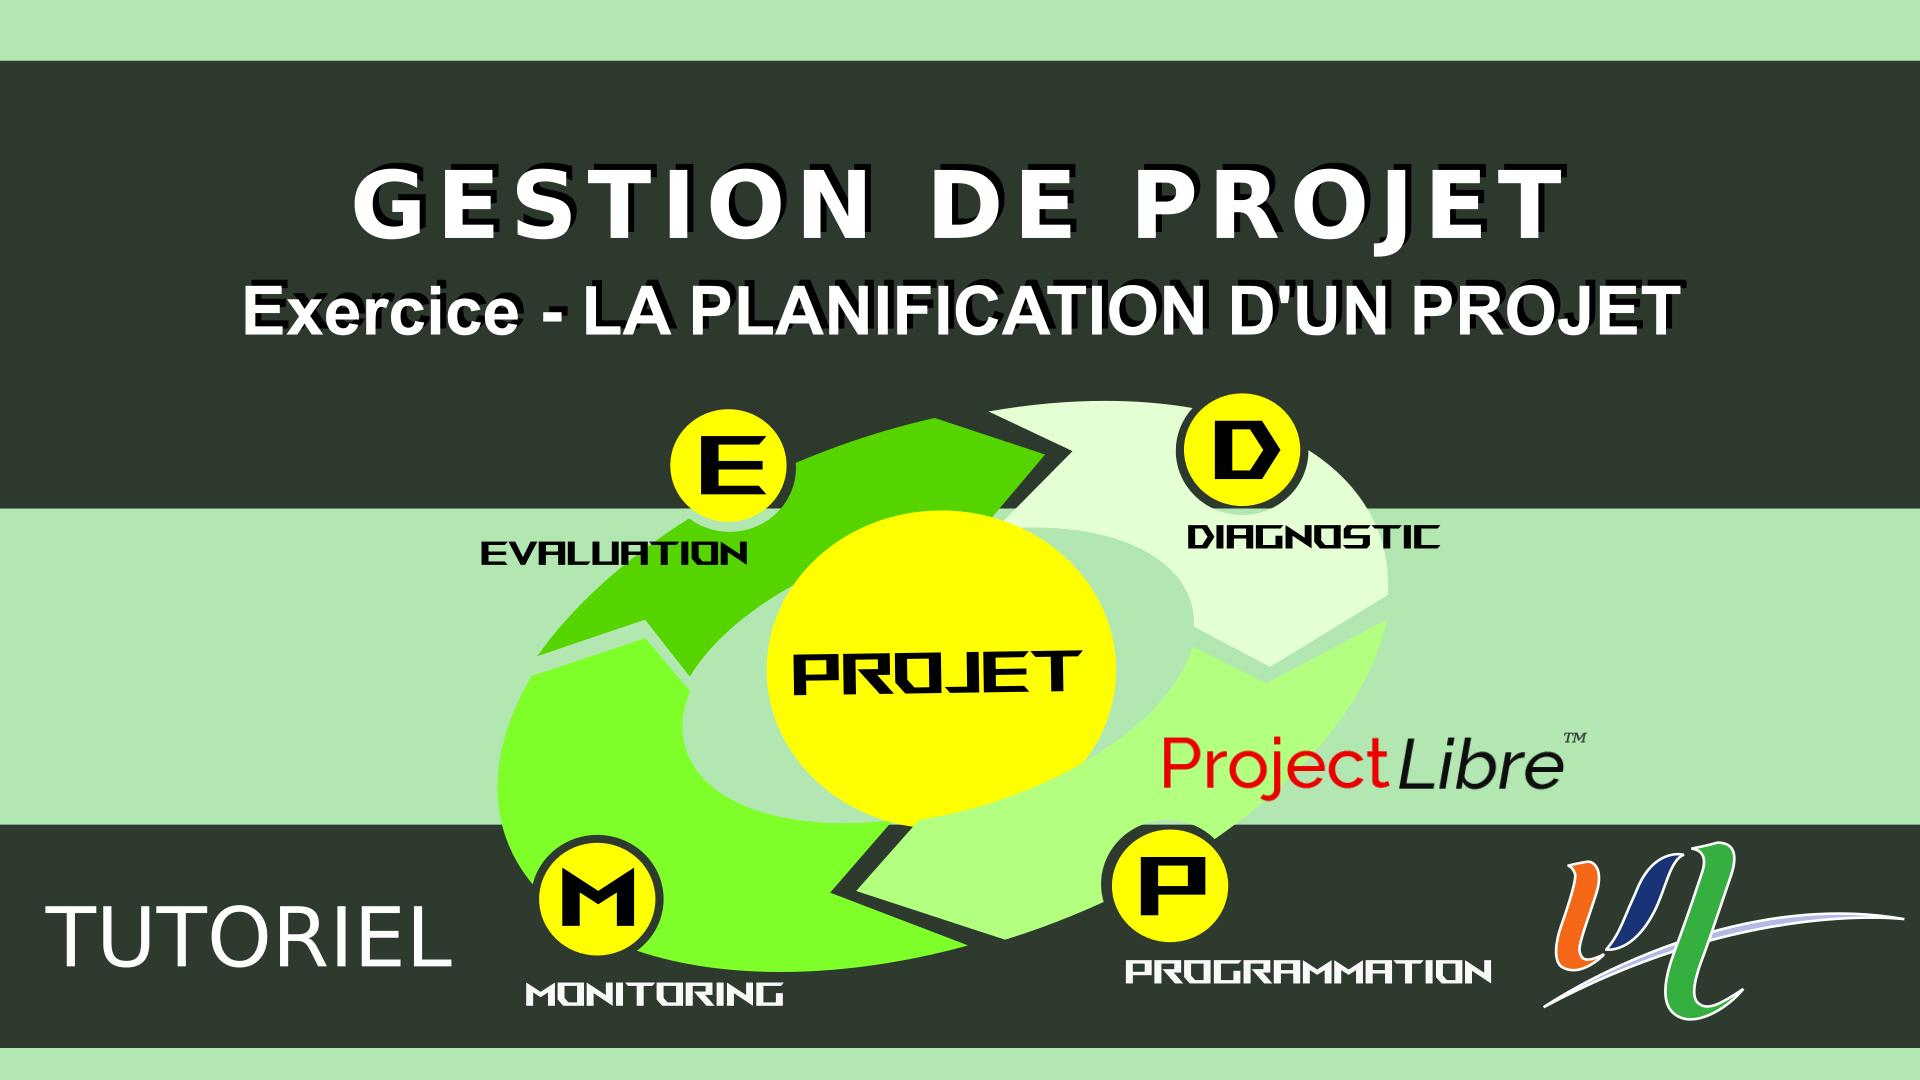 Pod Artois Exercice Planification D Un Projet Avec Proj